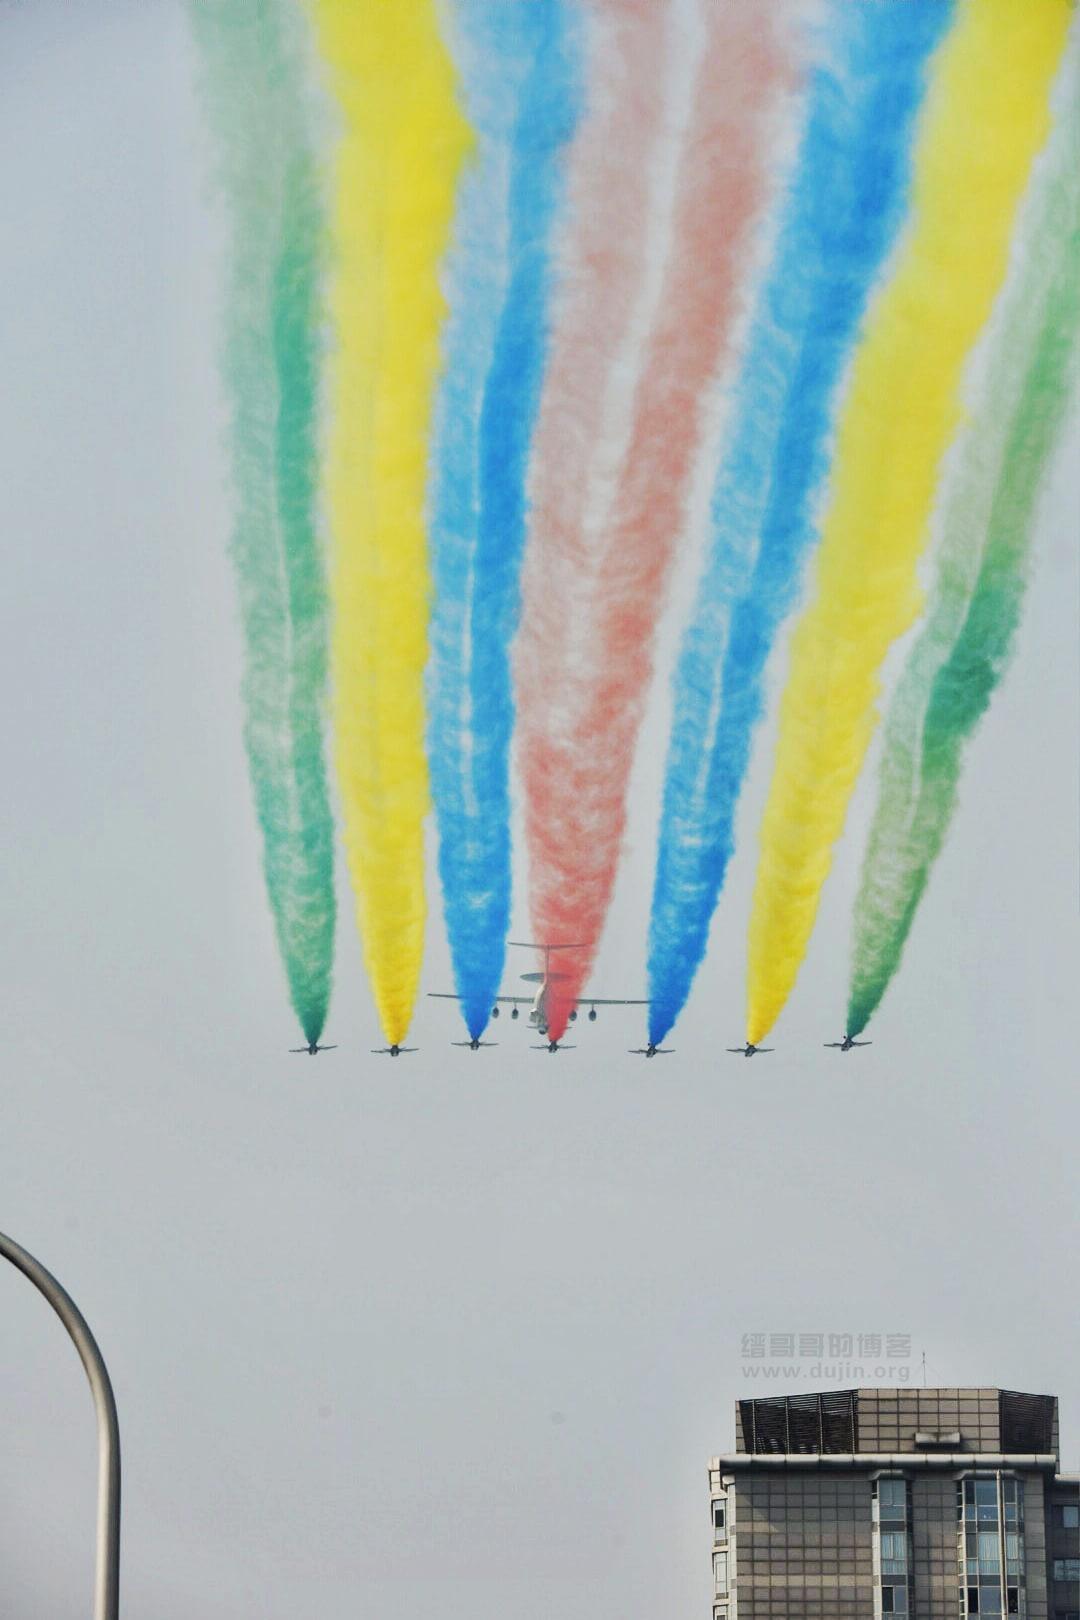 2019年中国70周年国庆阅兵精美照片-教练飞机织七色彩带